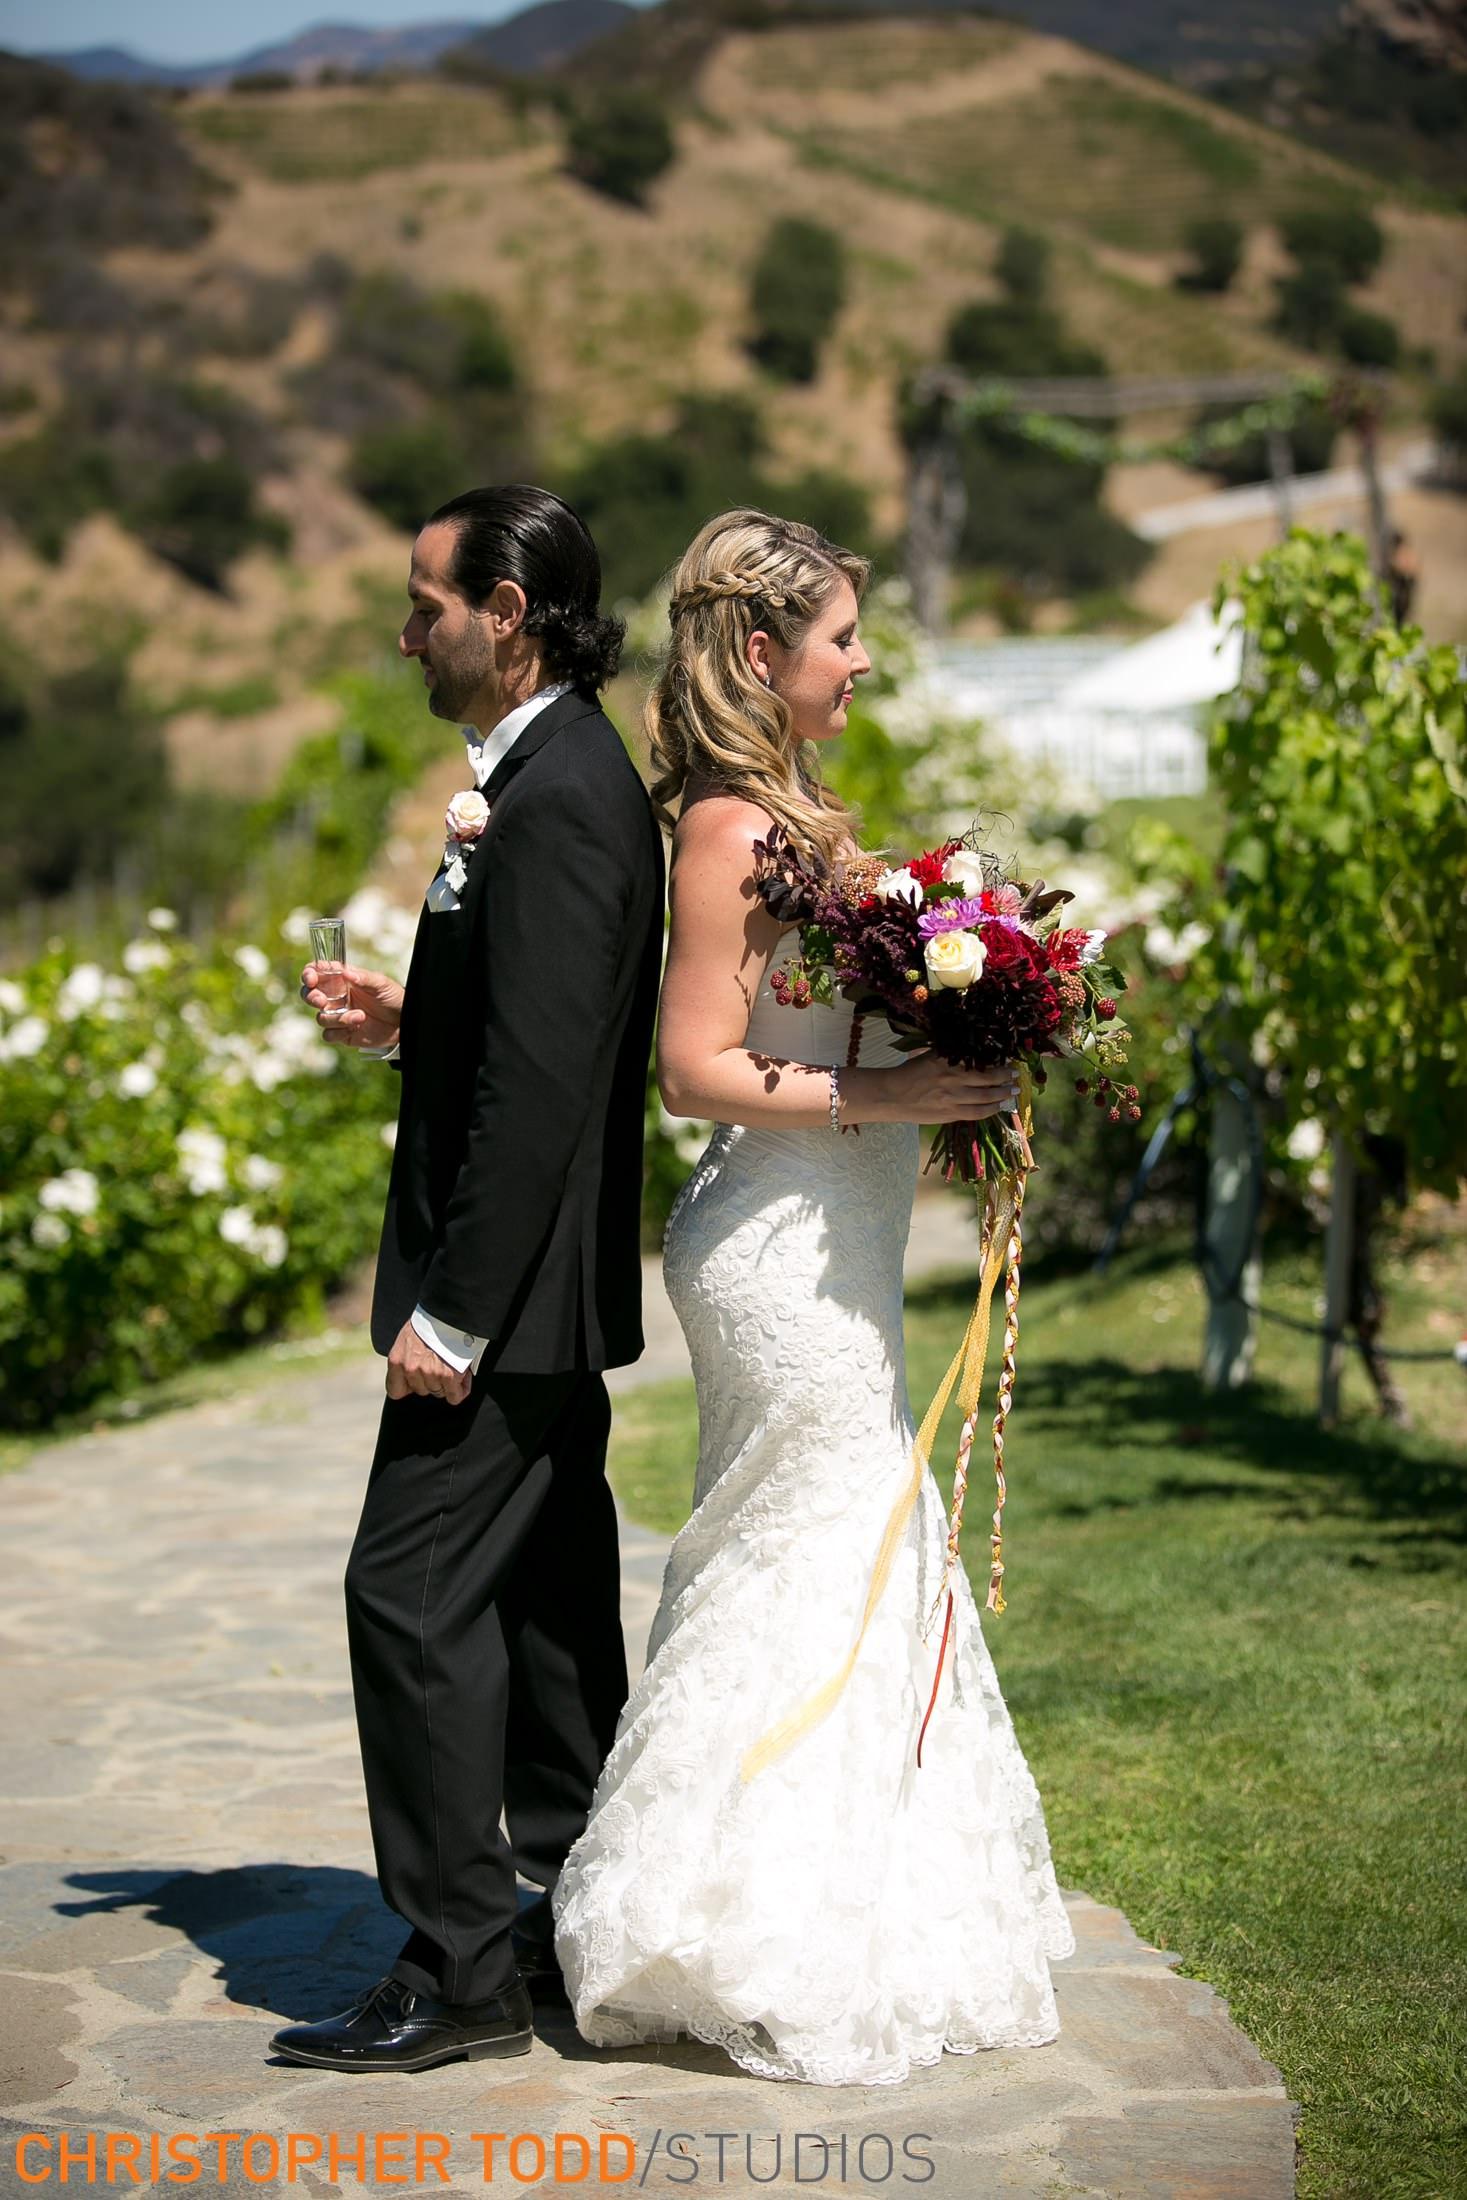 bride-groom-first-look-photo